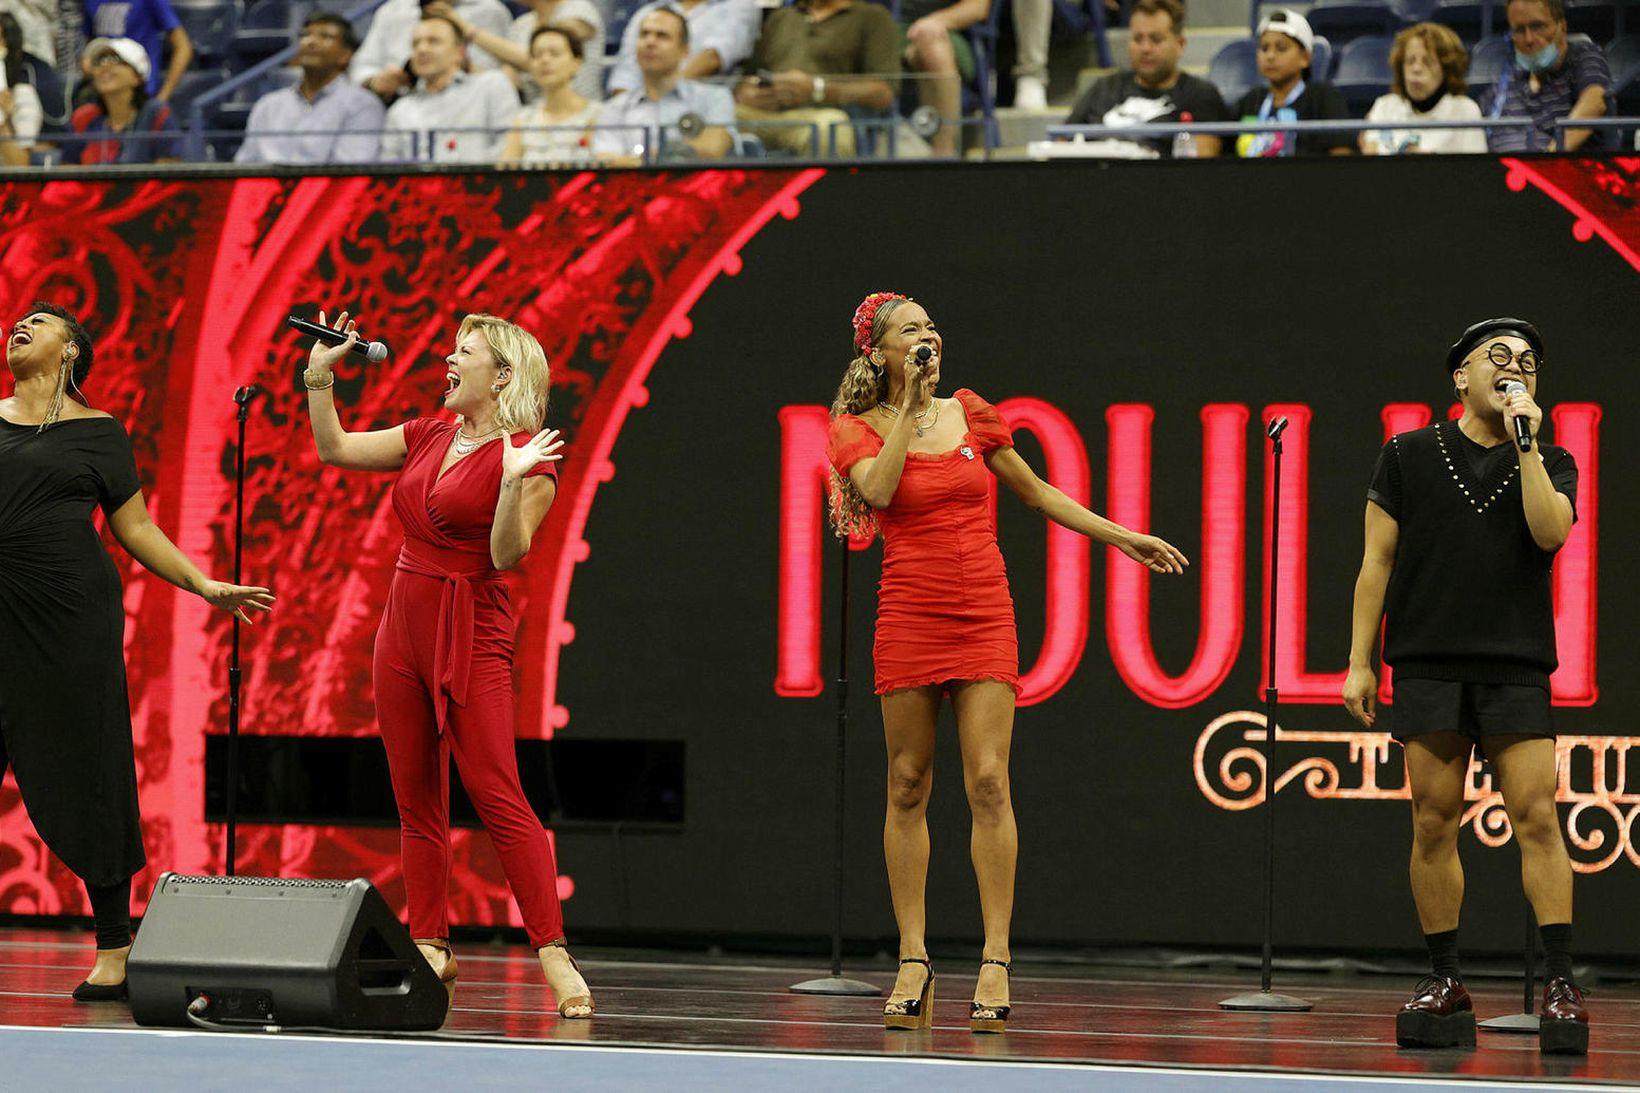 Söngleikurinn Moulin Rouge hlaut flest verðlaun á Tony verðlaunahátíðinni.